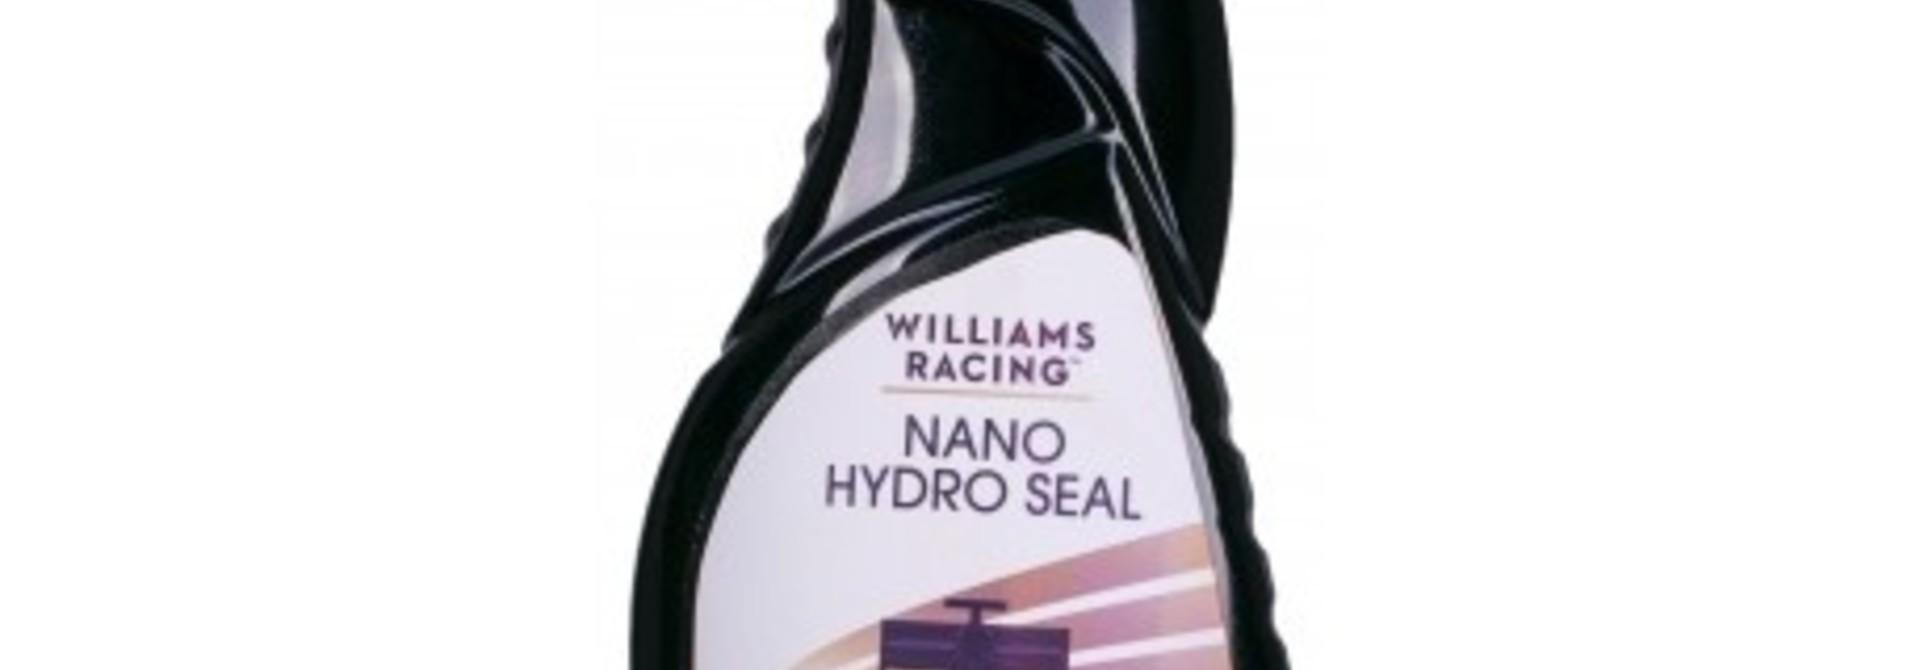 Nano Hydro Seal